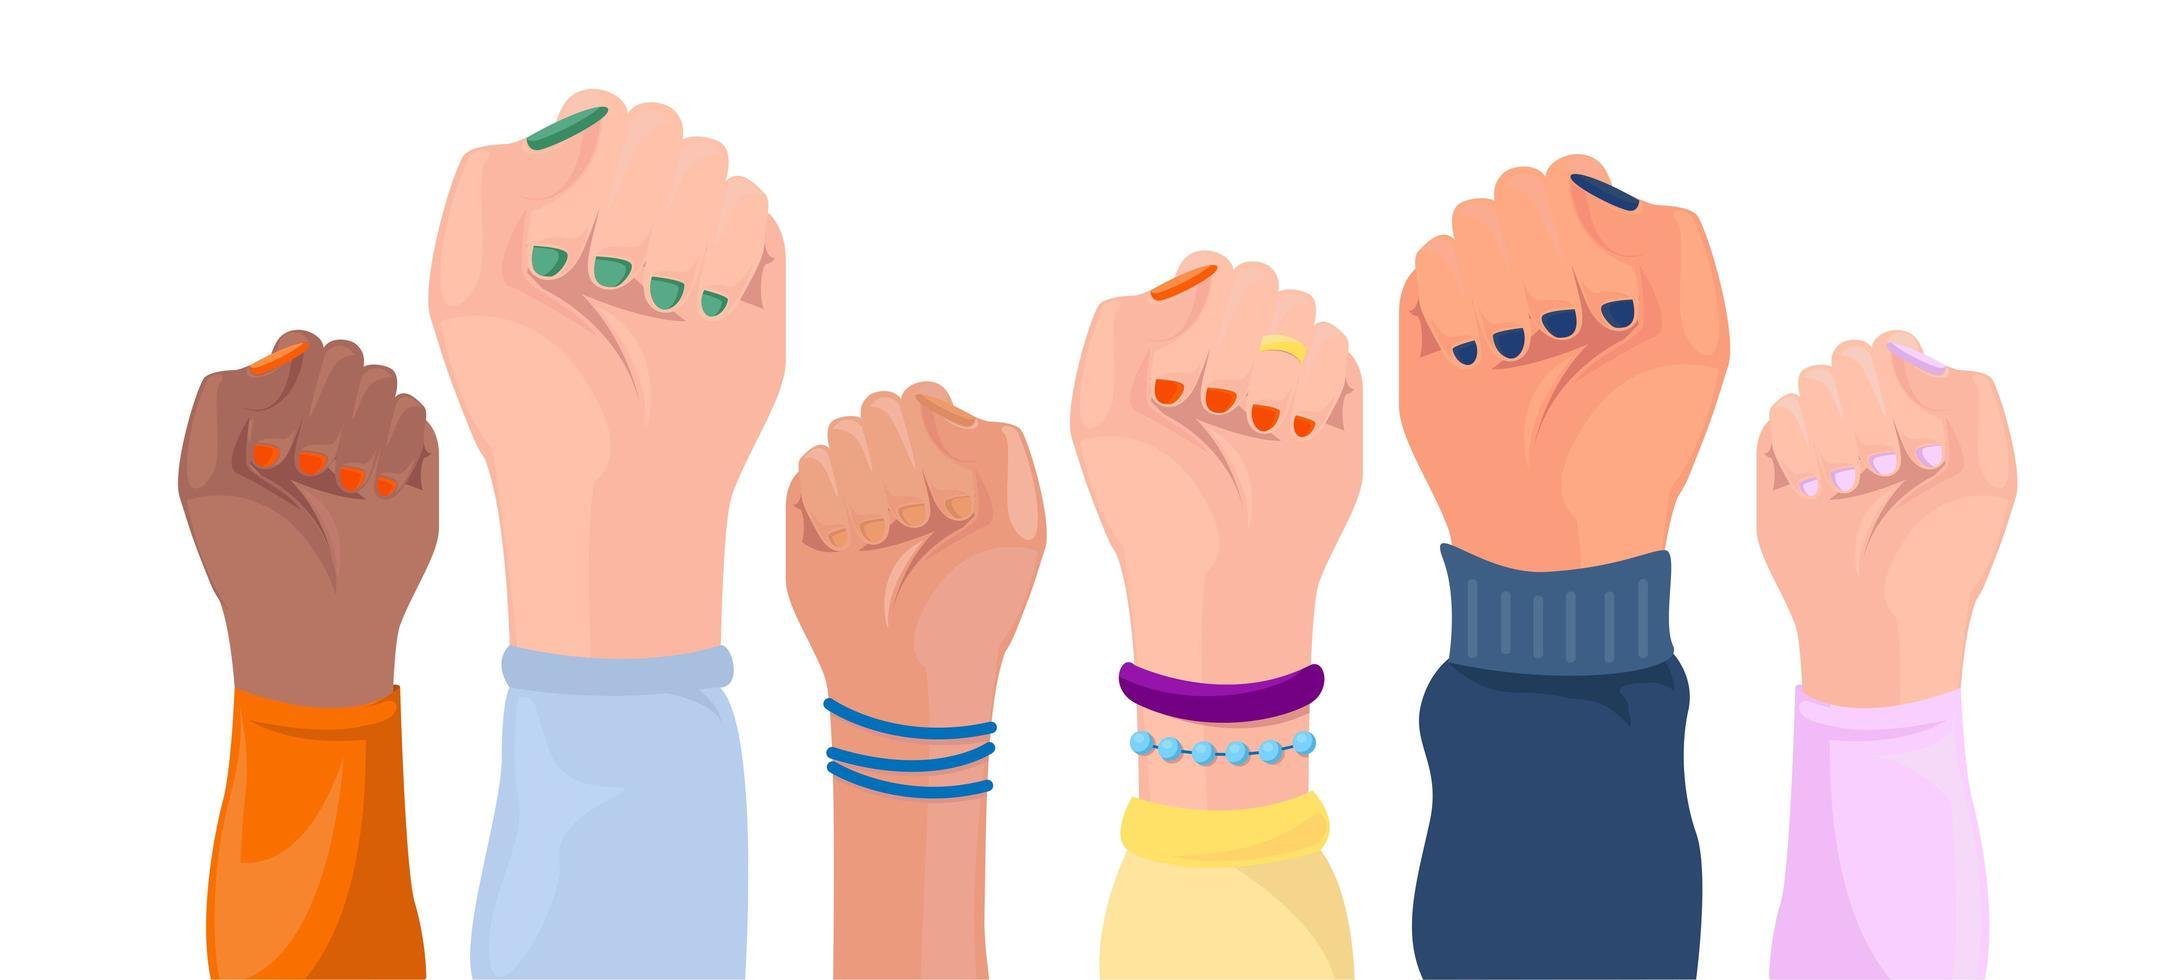 erhobene Frauenhände mit unterschiedlichen Hautfarben vektor